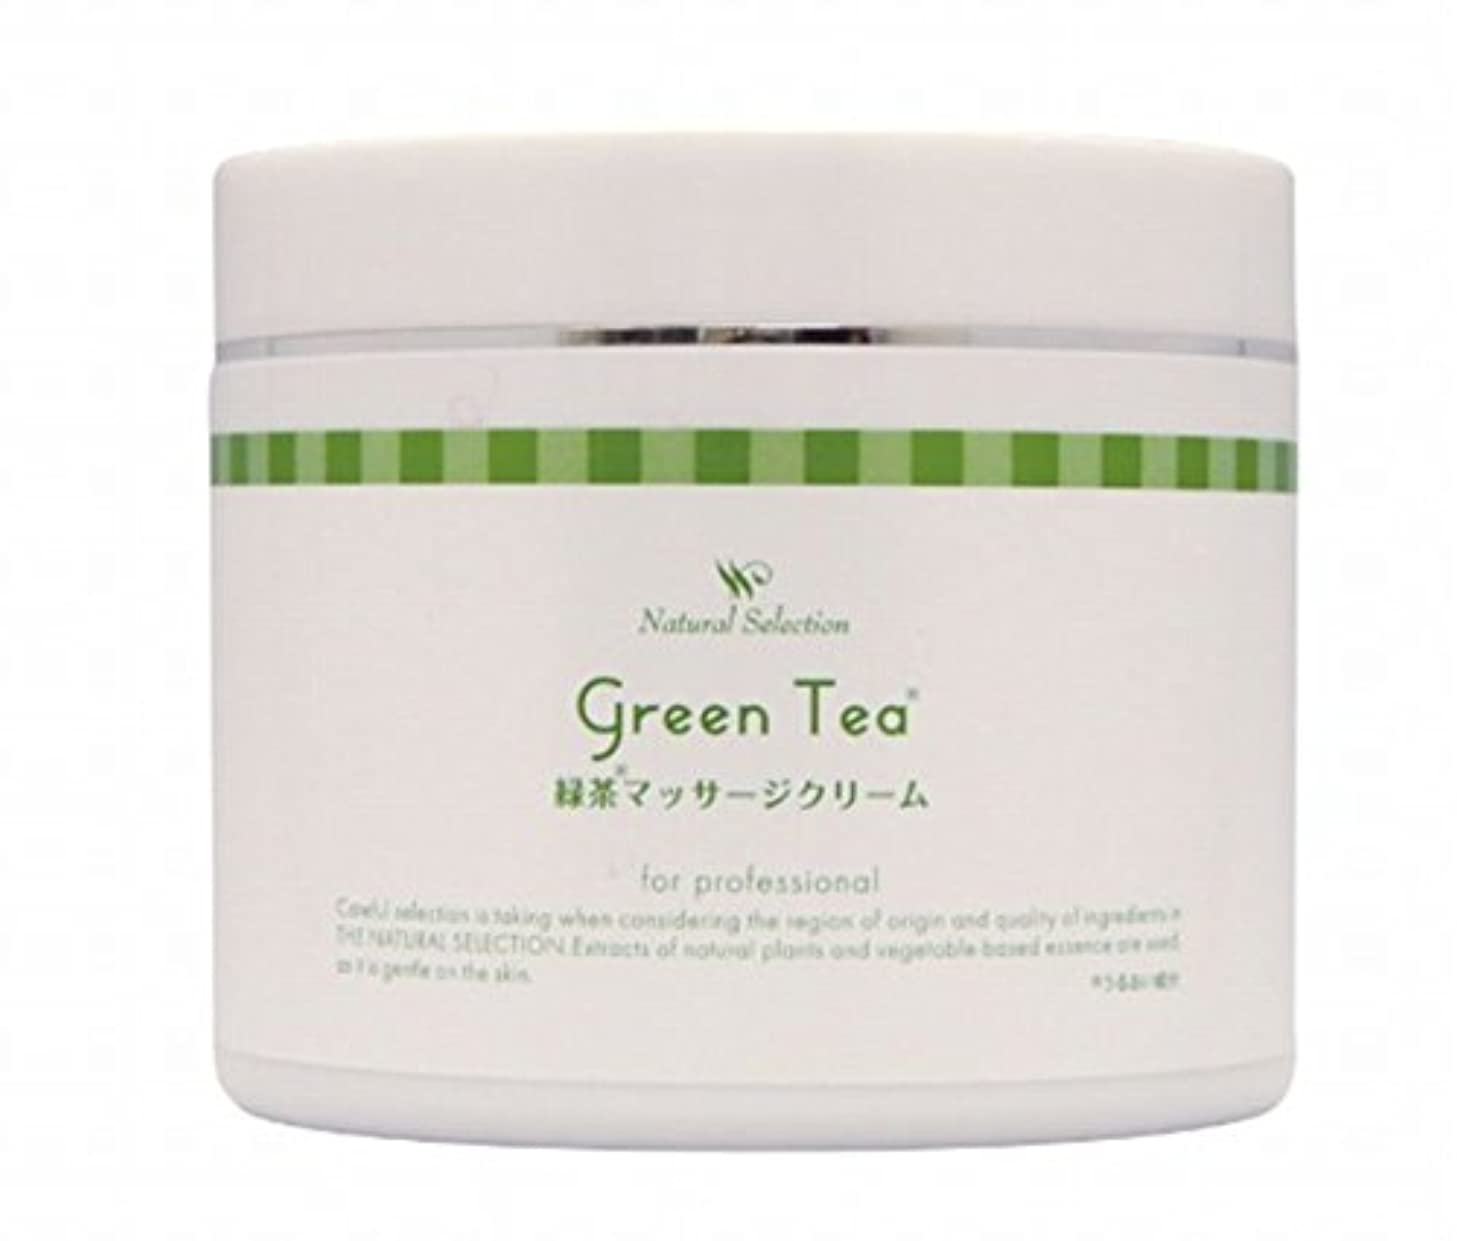 勇者吸い込む夜明けに緑茶マッサージクリーム(450g)【フットマッサージ】足もみクリーム 2個セット